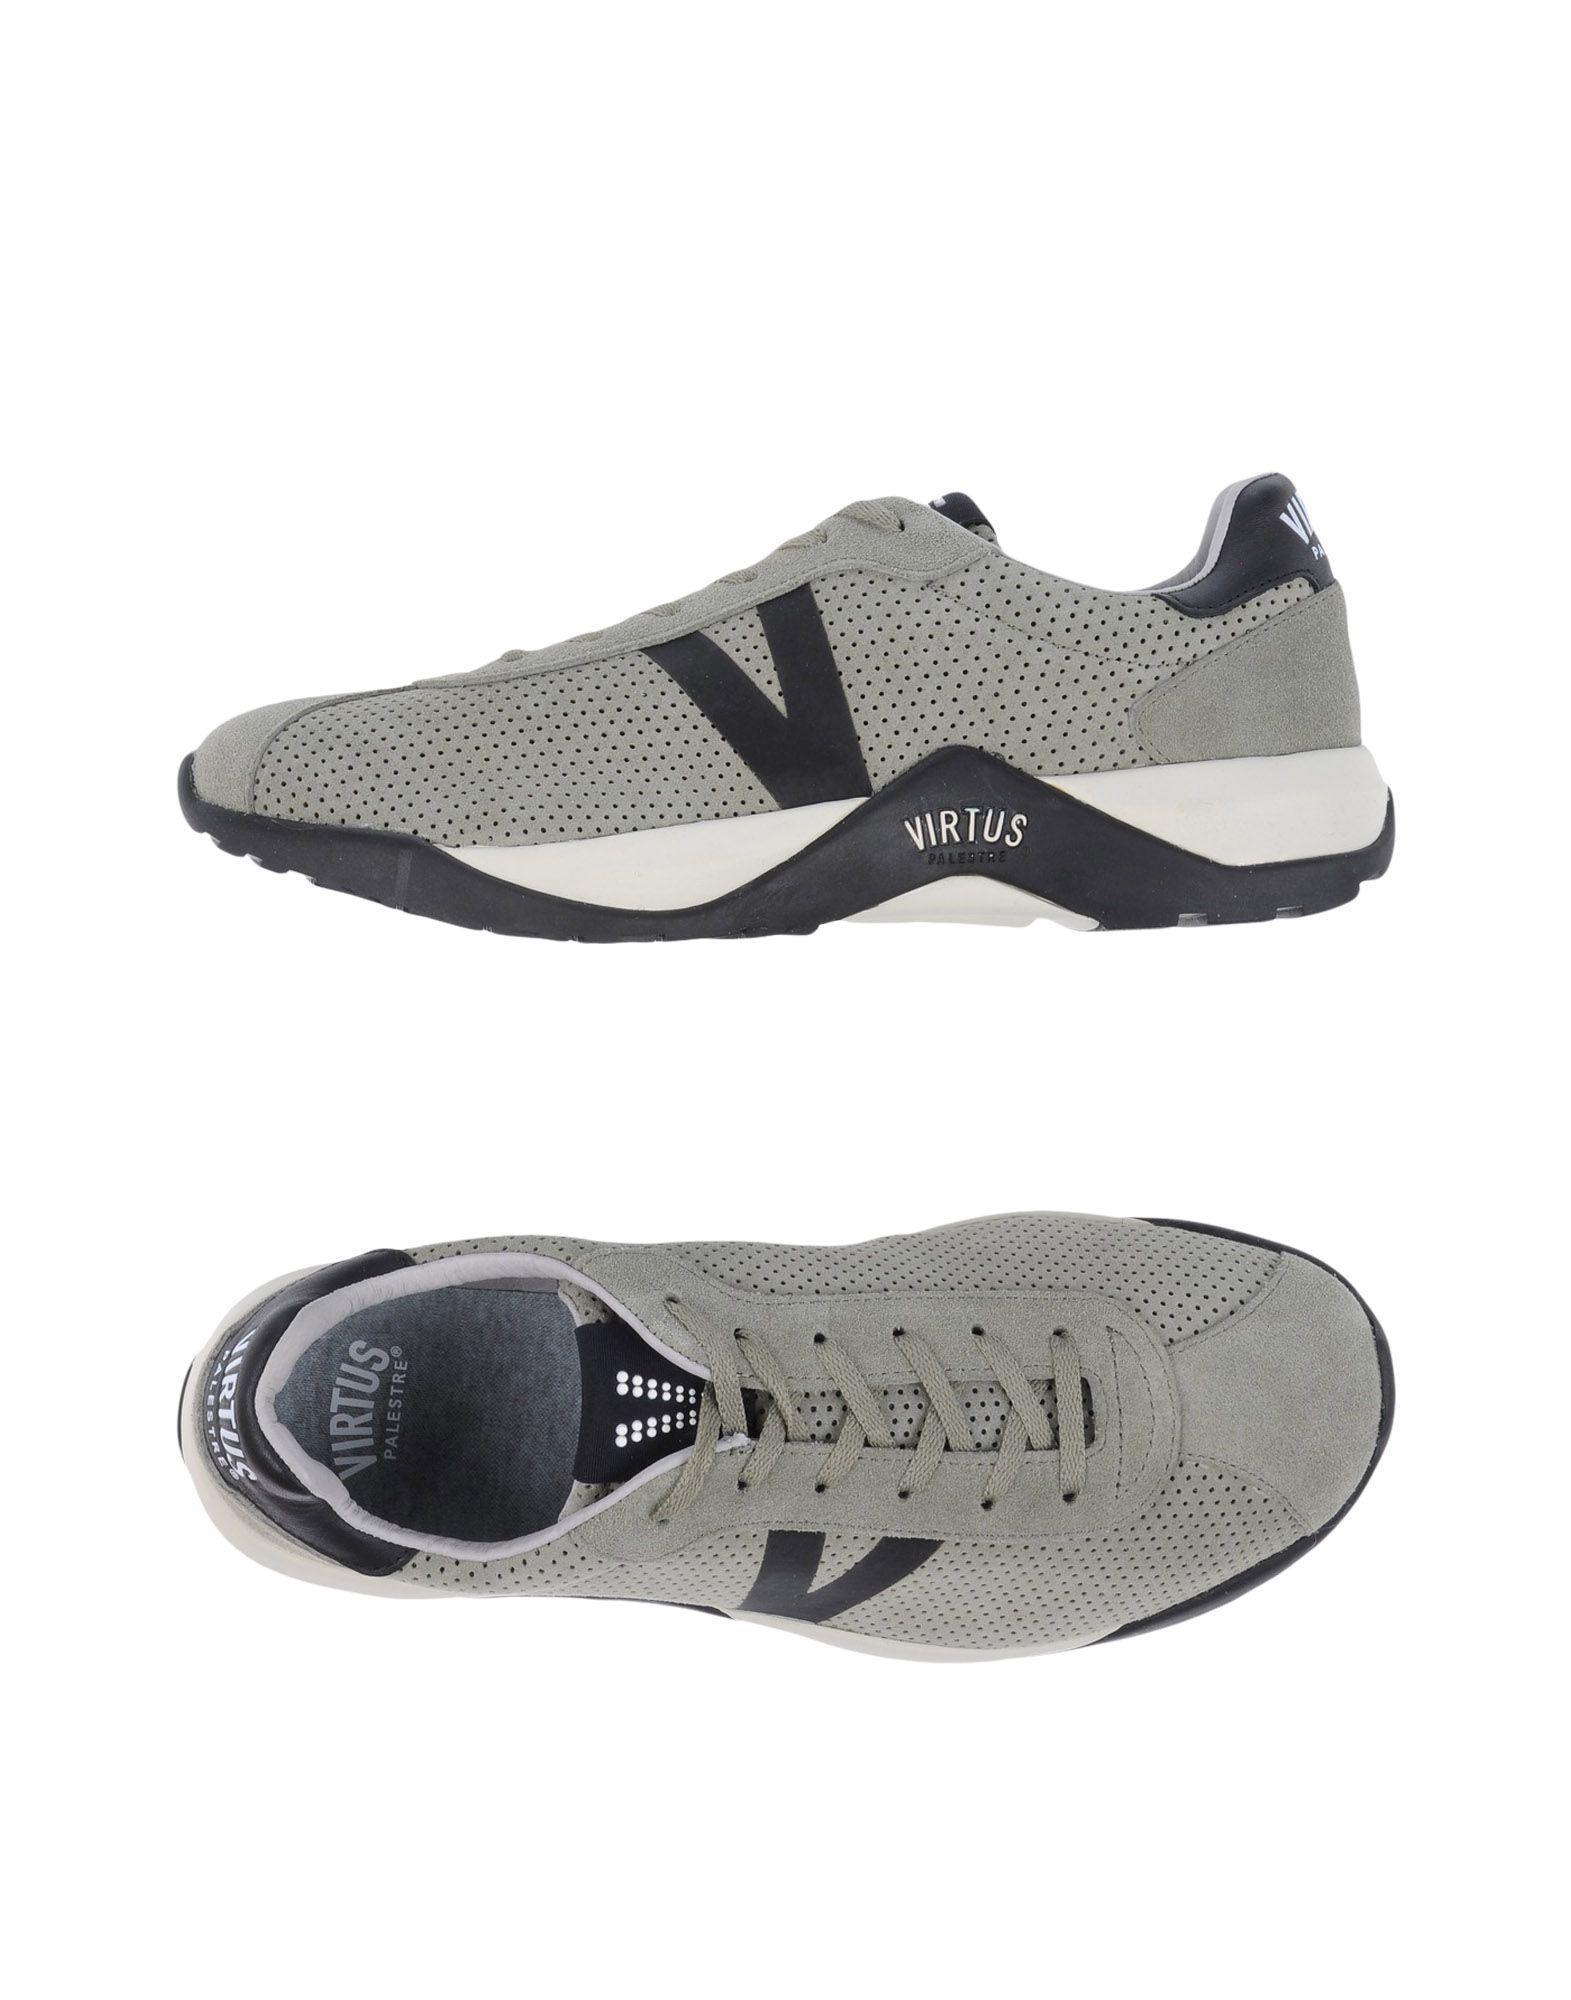 Chaussures - Bas-tops Et Baskets Virtus Palestre clZO56CBz